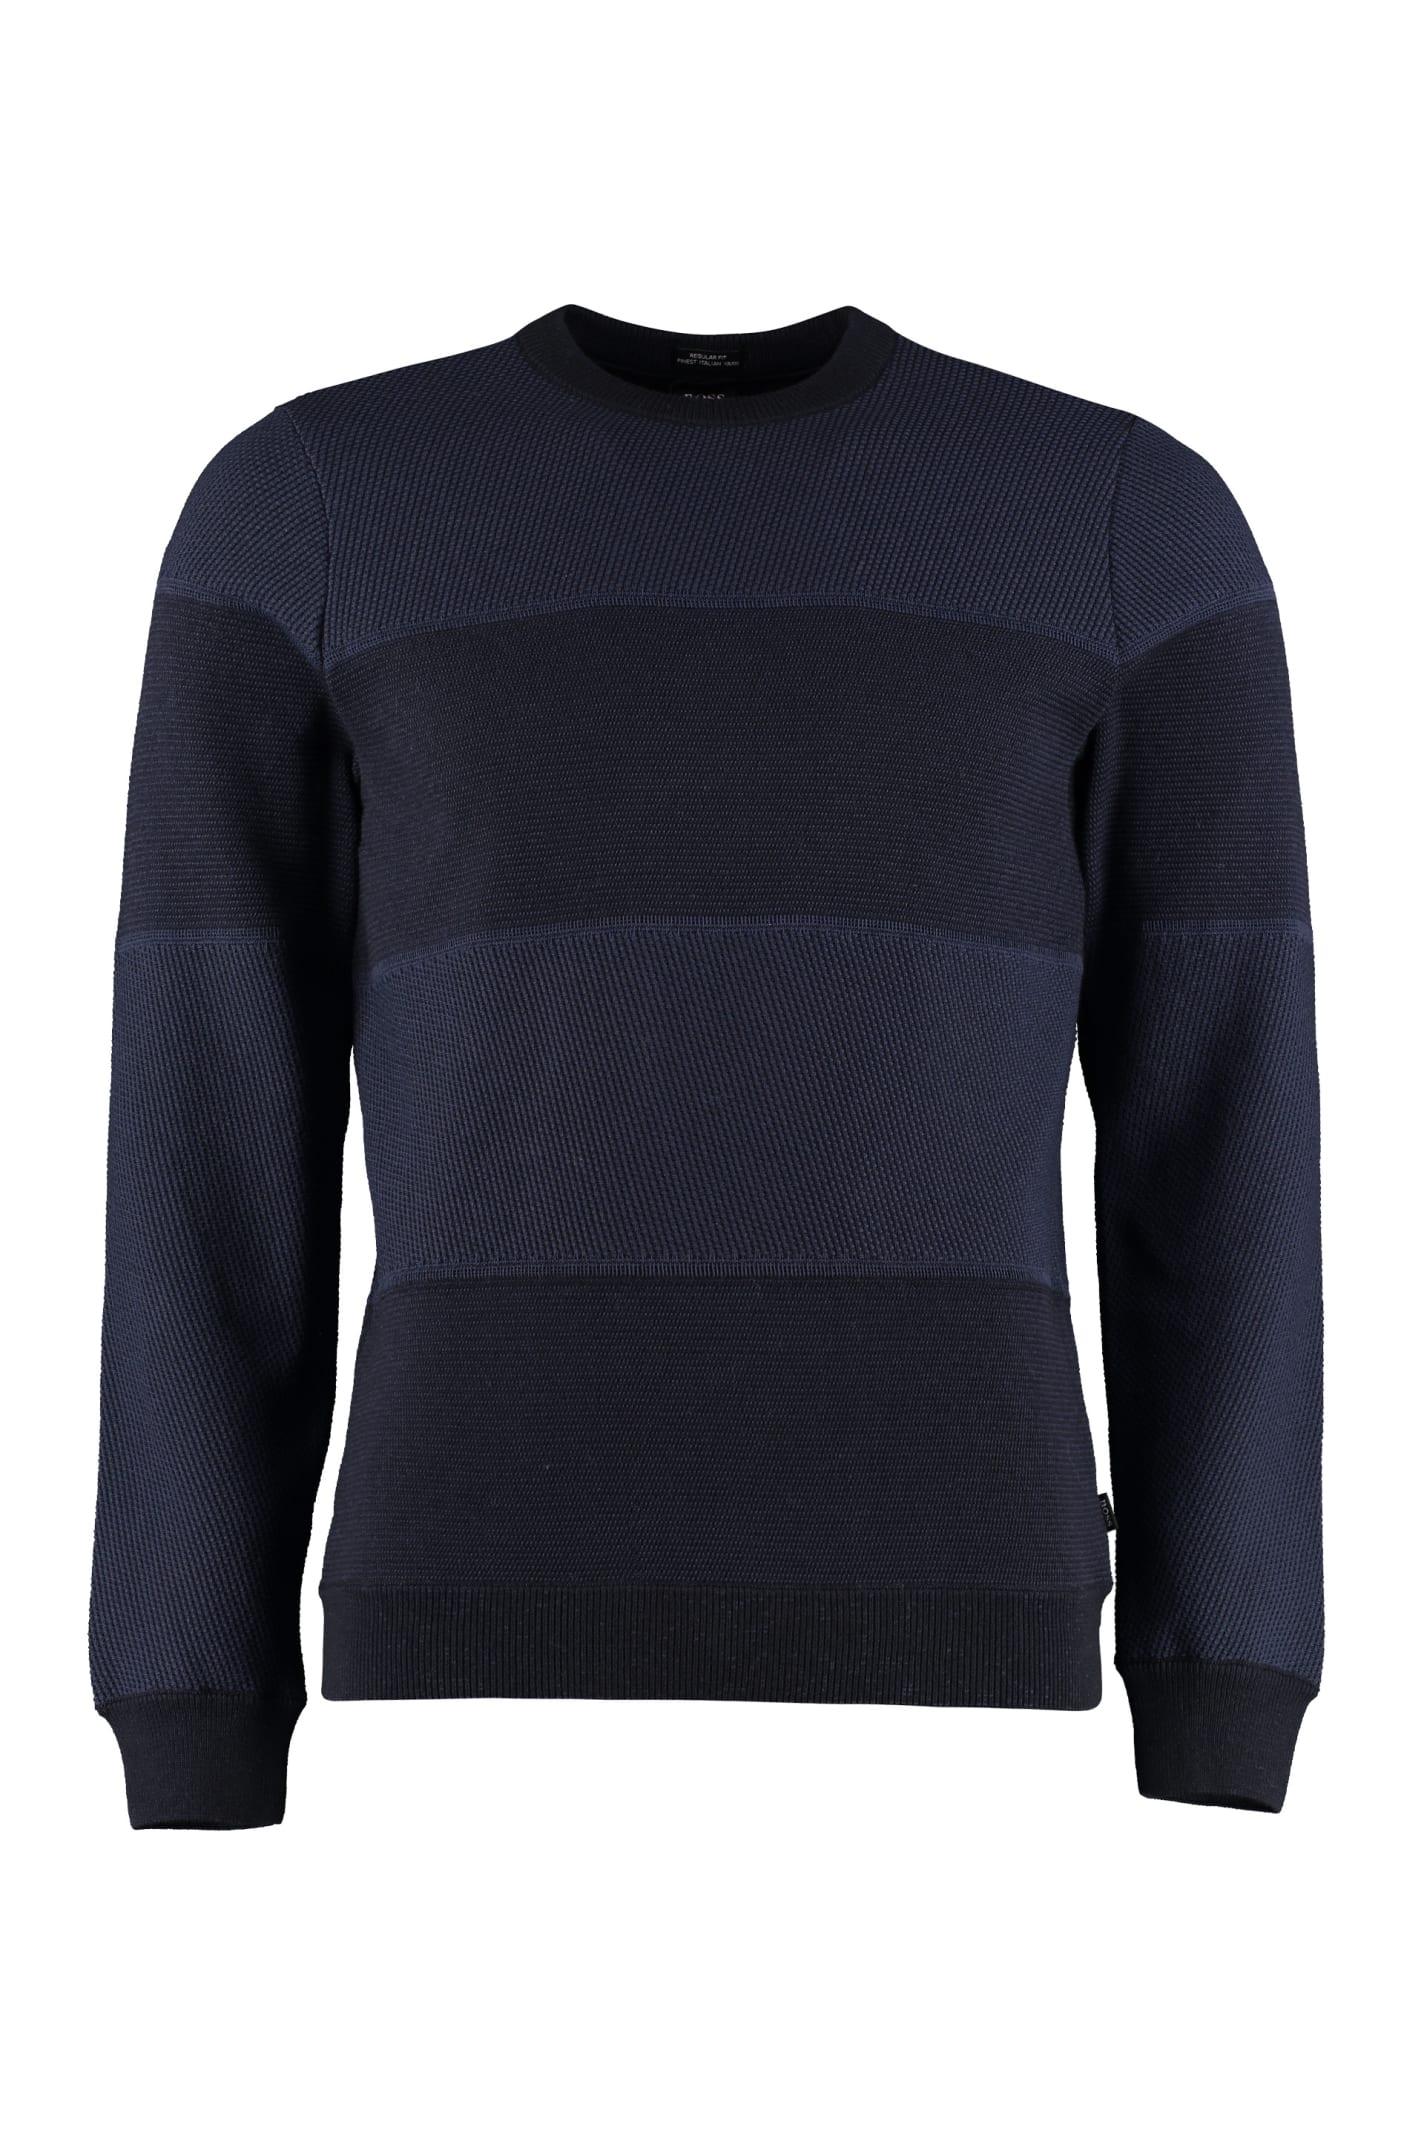 Hugo Boss Long-sleeved Crew-neck Sweater